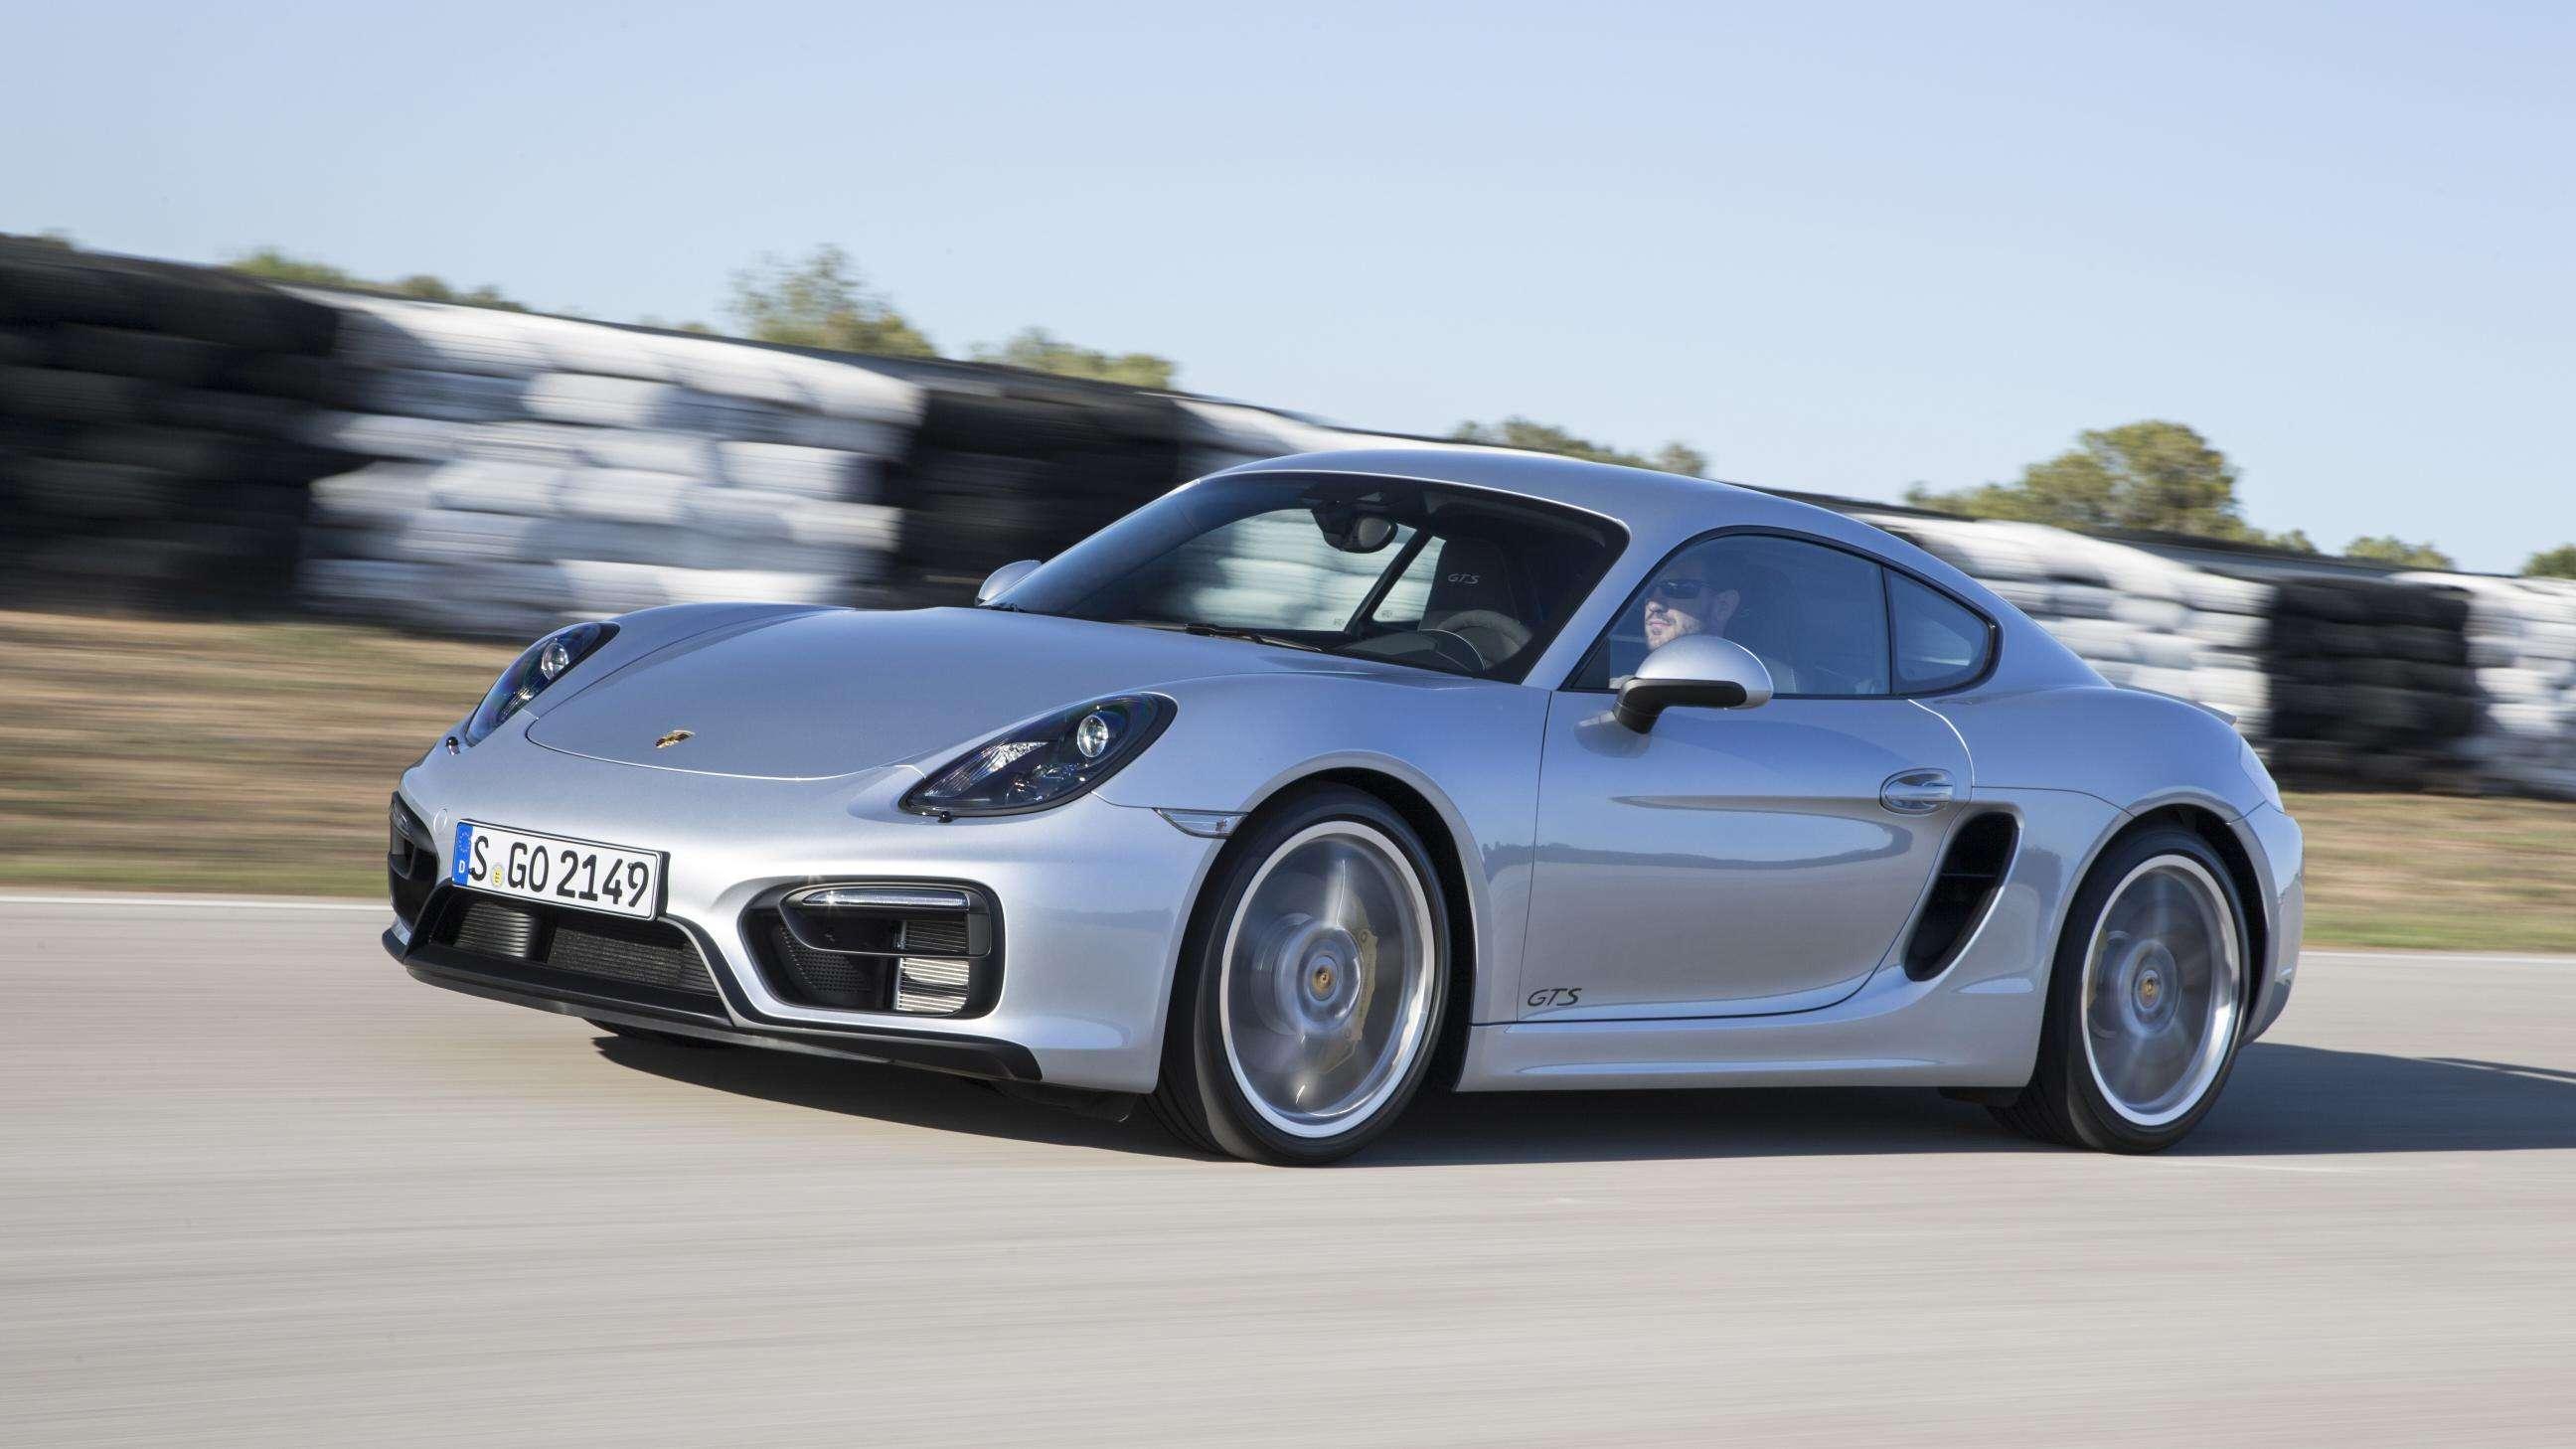 Porsche: ex-chefes serão julgados por tentar comprar VW